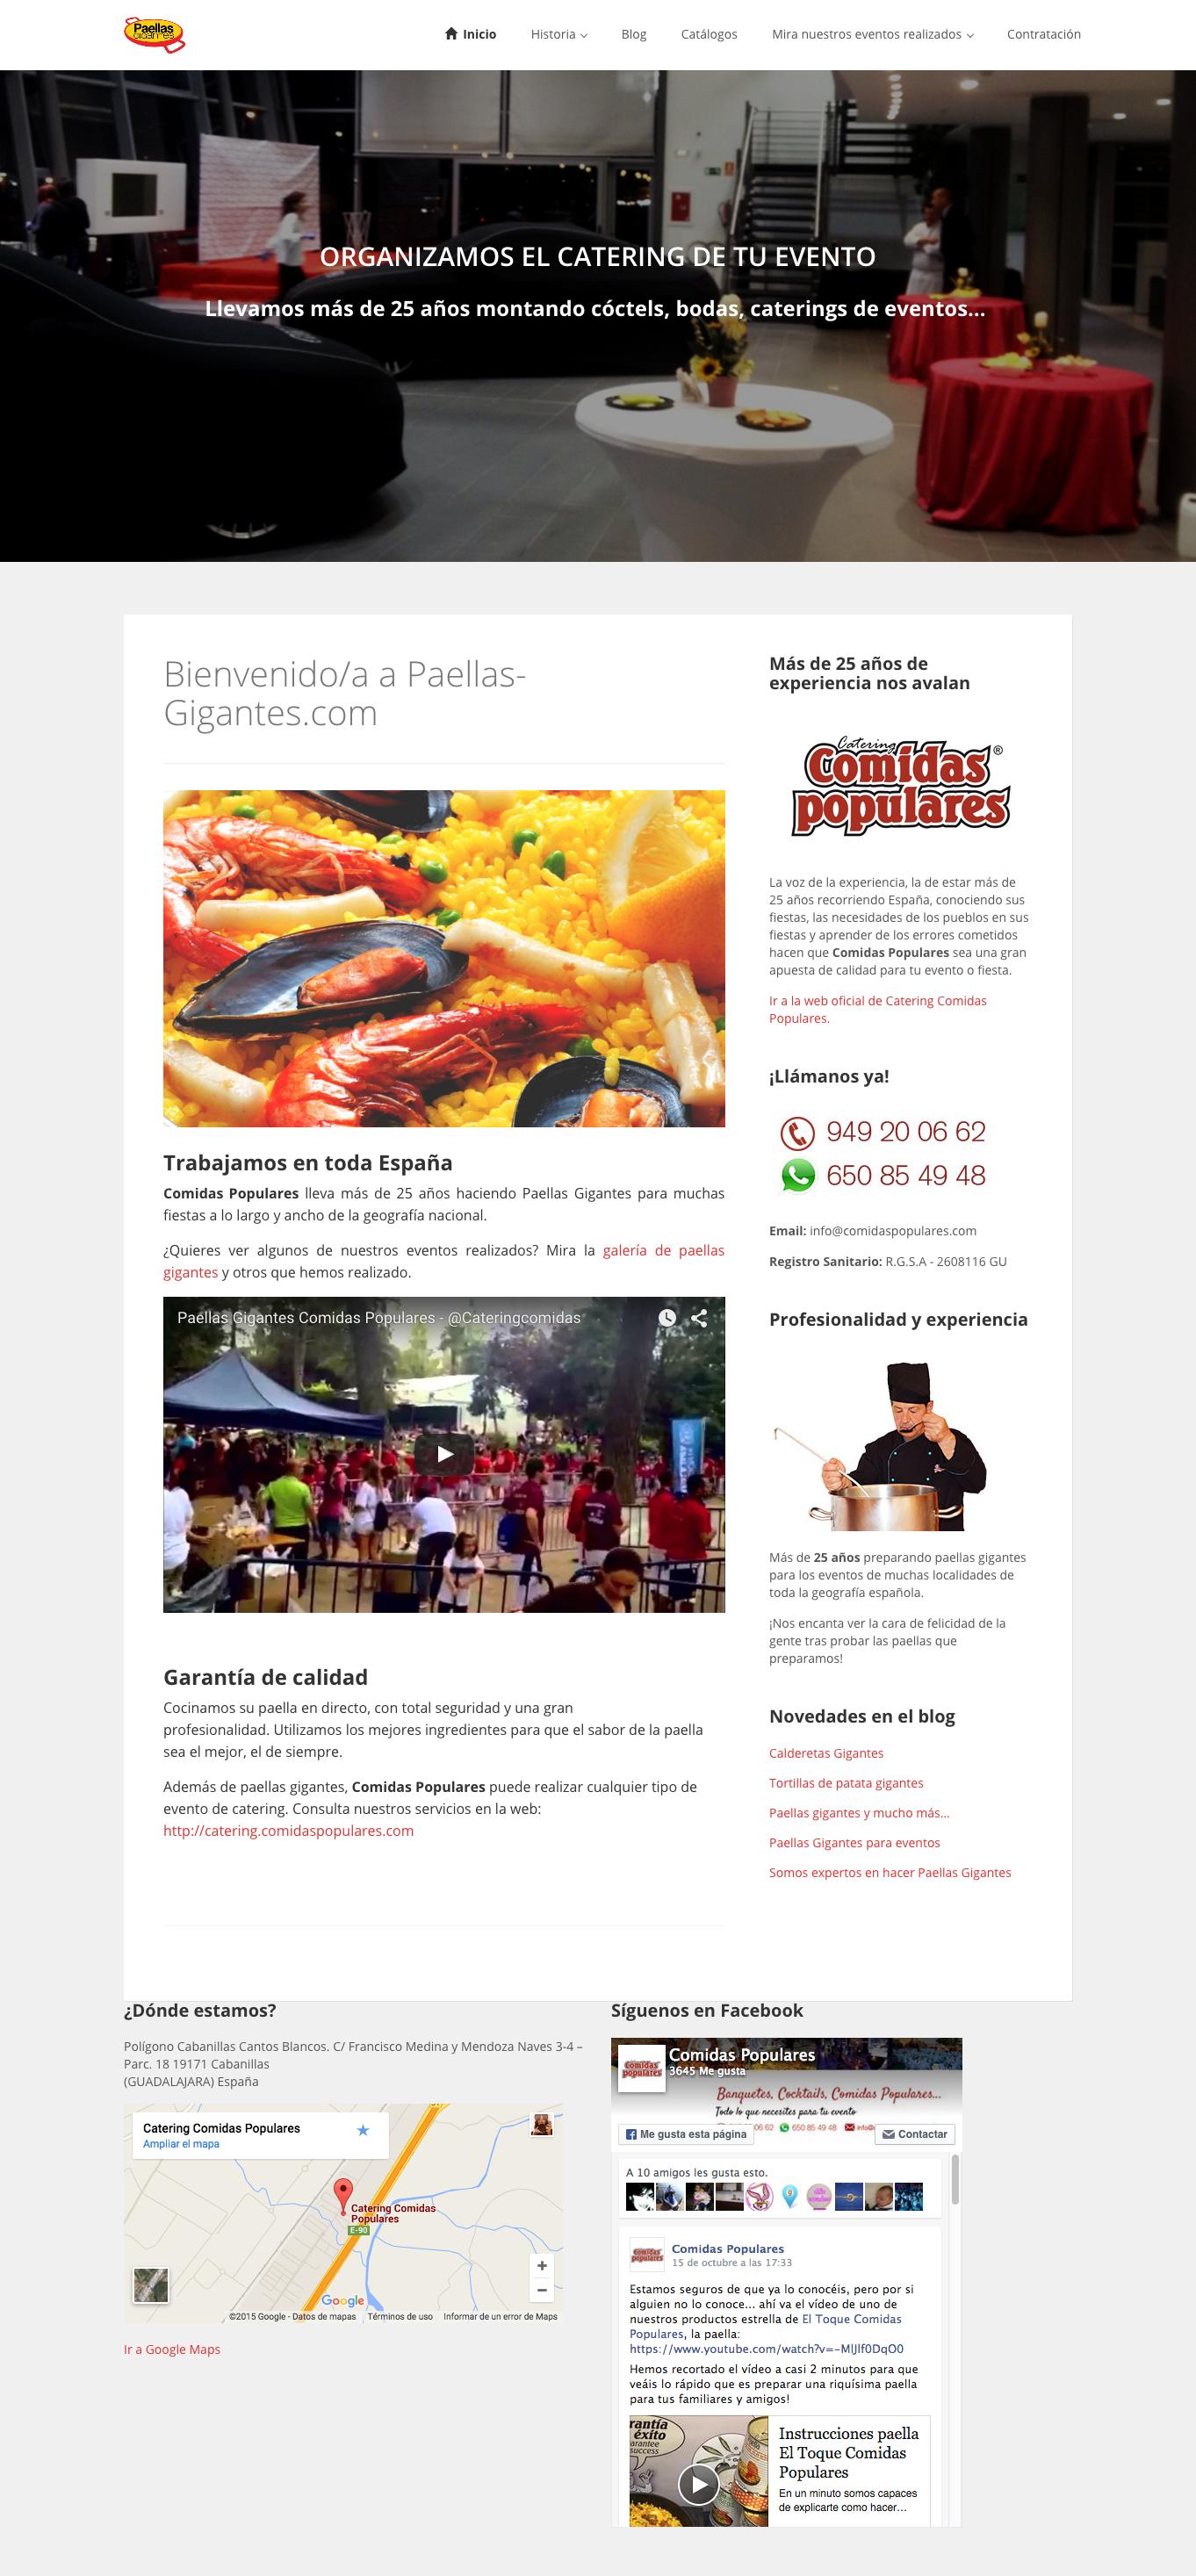 screencapture-www-paellas-gigantes-com-1445252743025